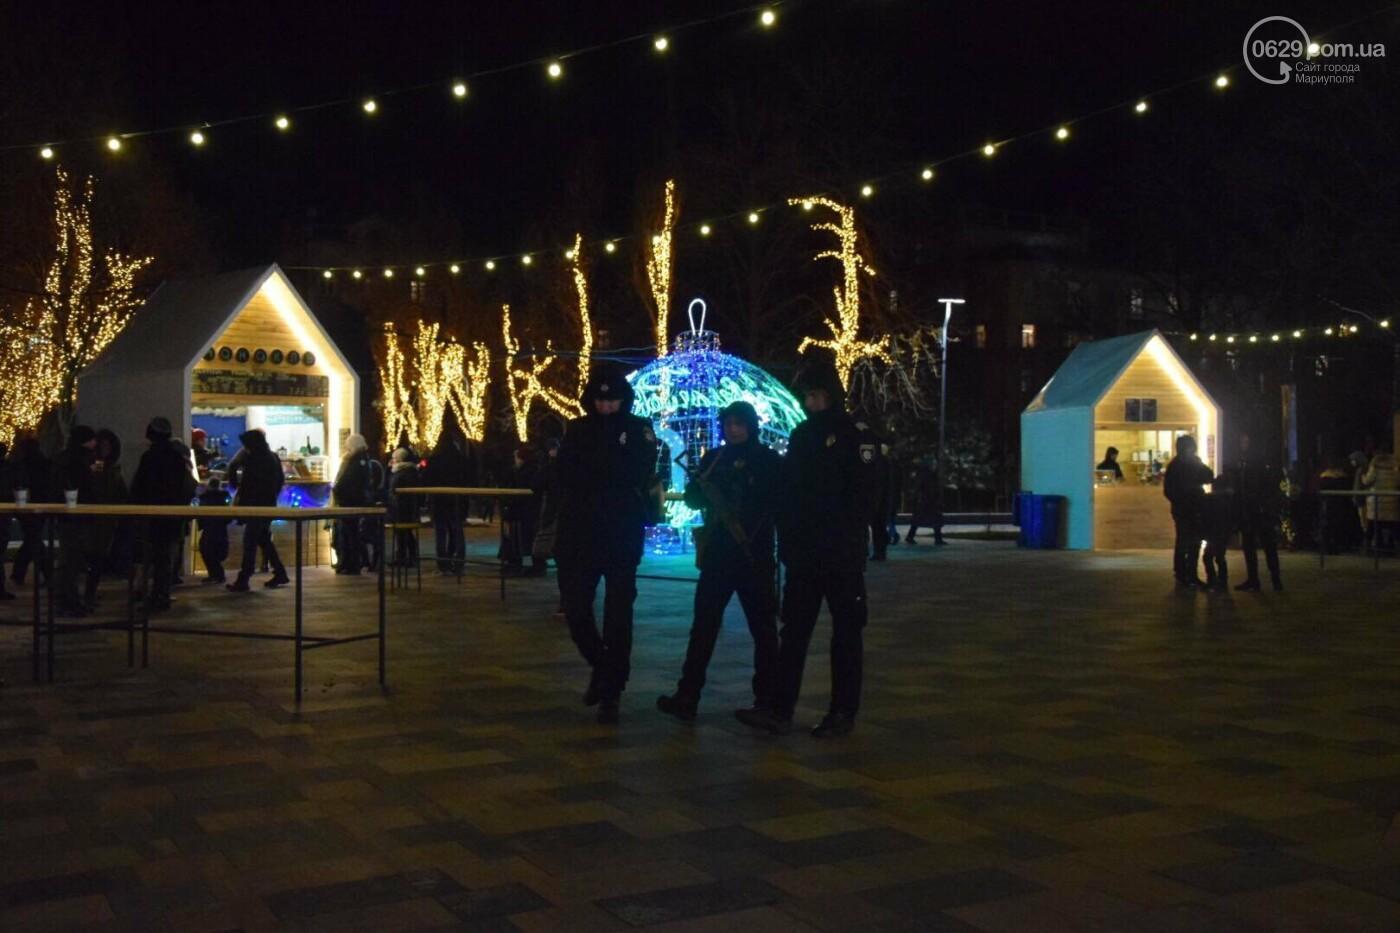 Мариупольцы отметили католическое Рождество, - ФОТО, ВИДЕО, фото-14